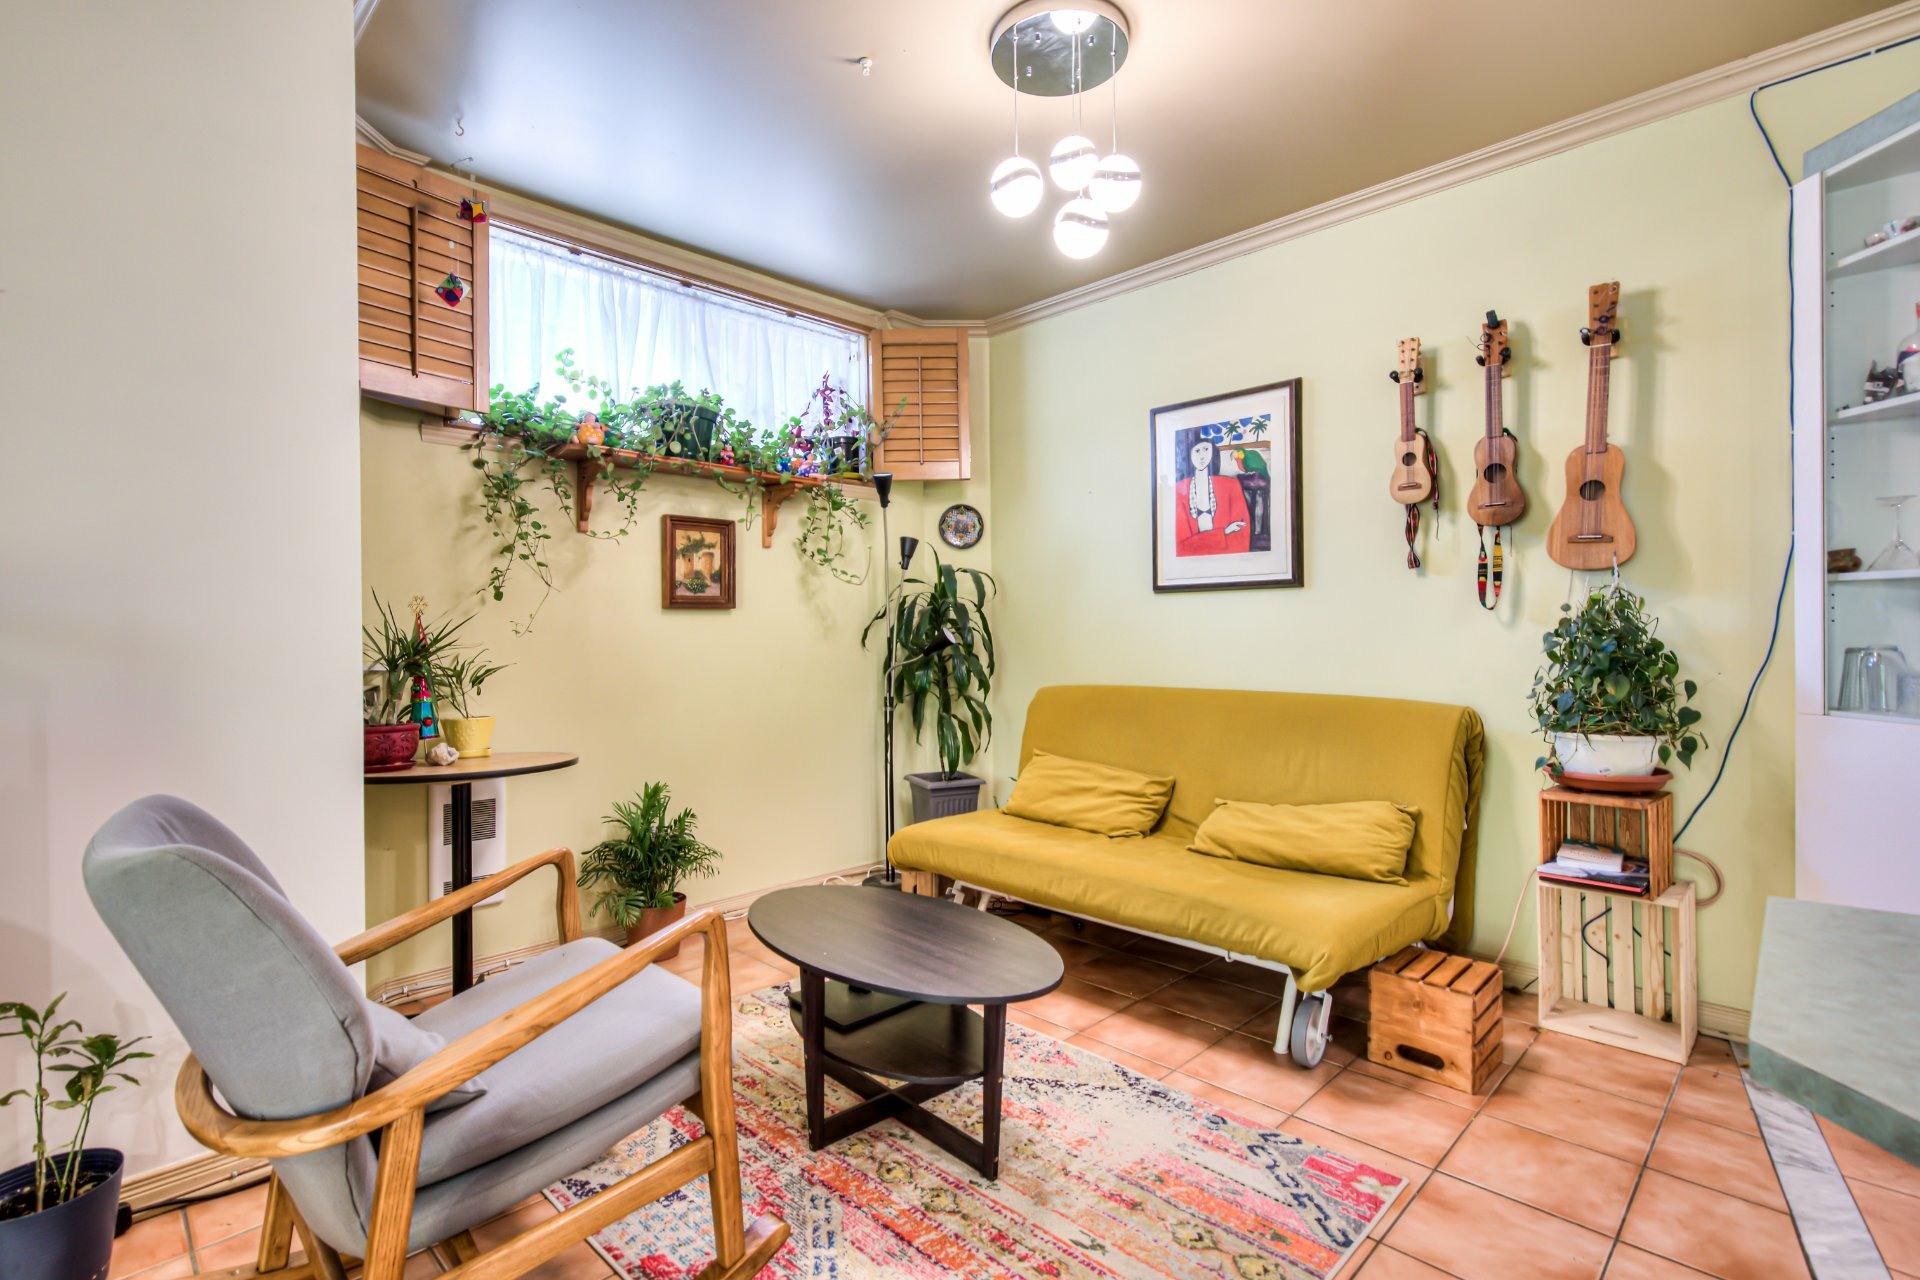 image 3 - Appartement À vendre Ville-Marie Montréal  - 6 pièces